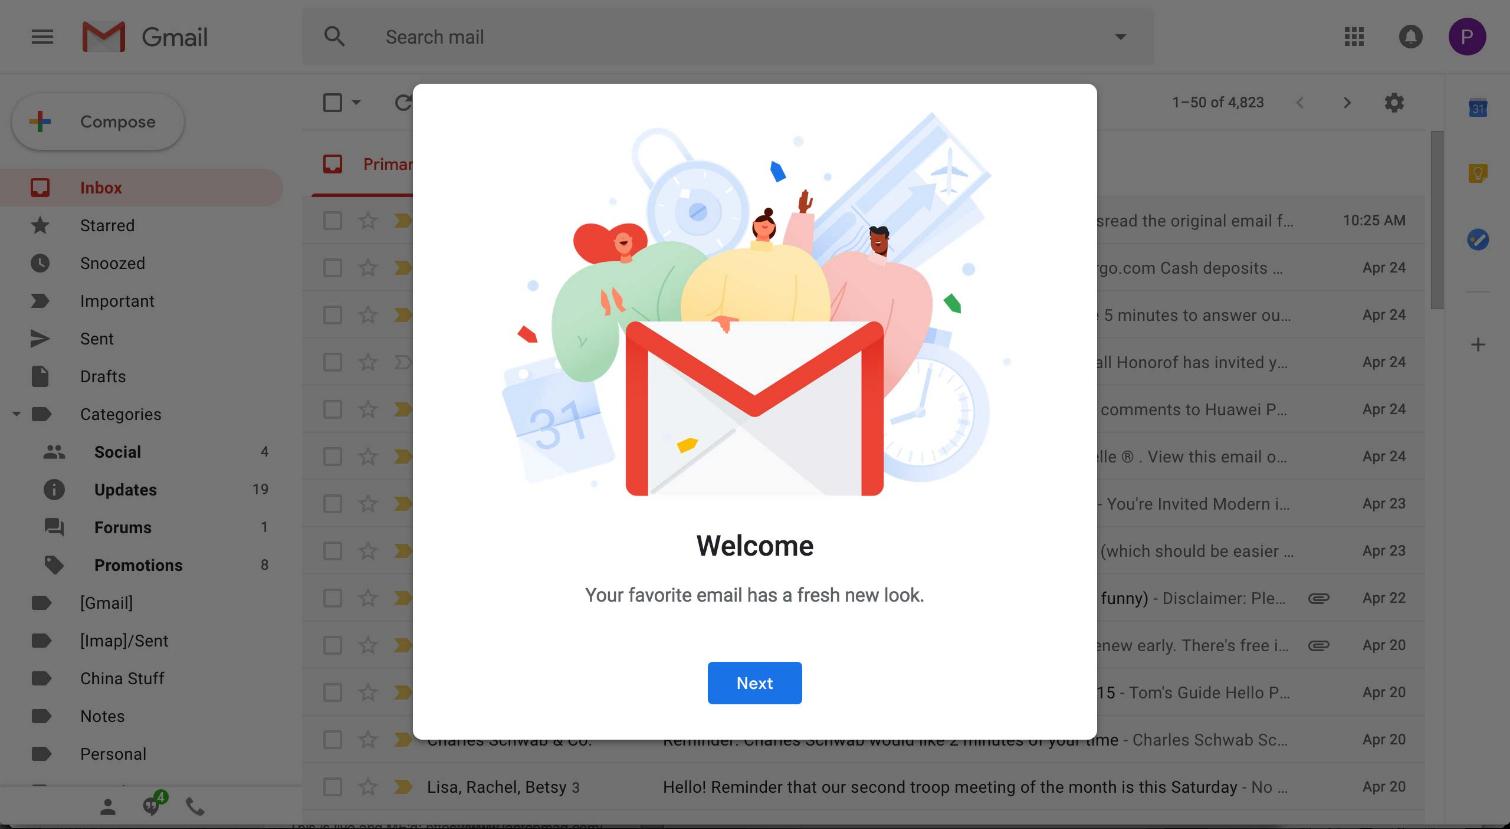 Cómo pasarte a la nueva versión de Gmail